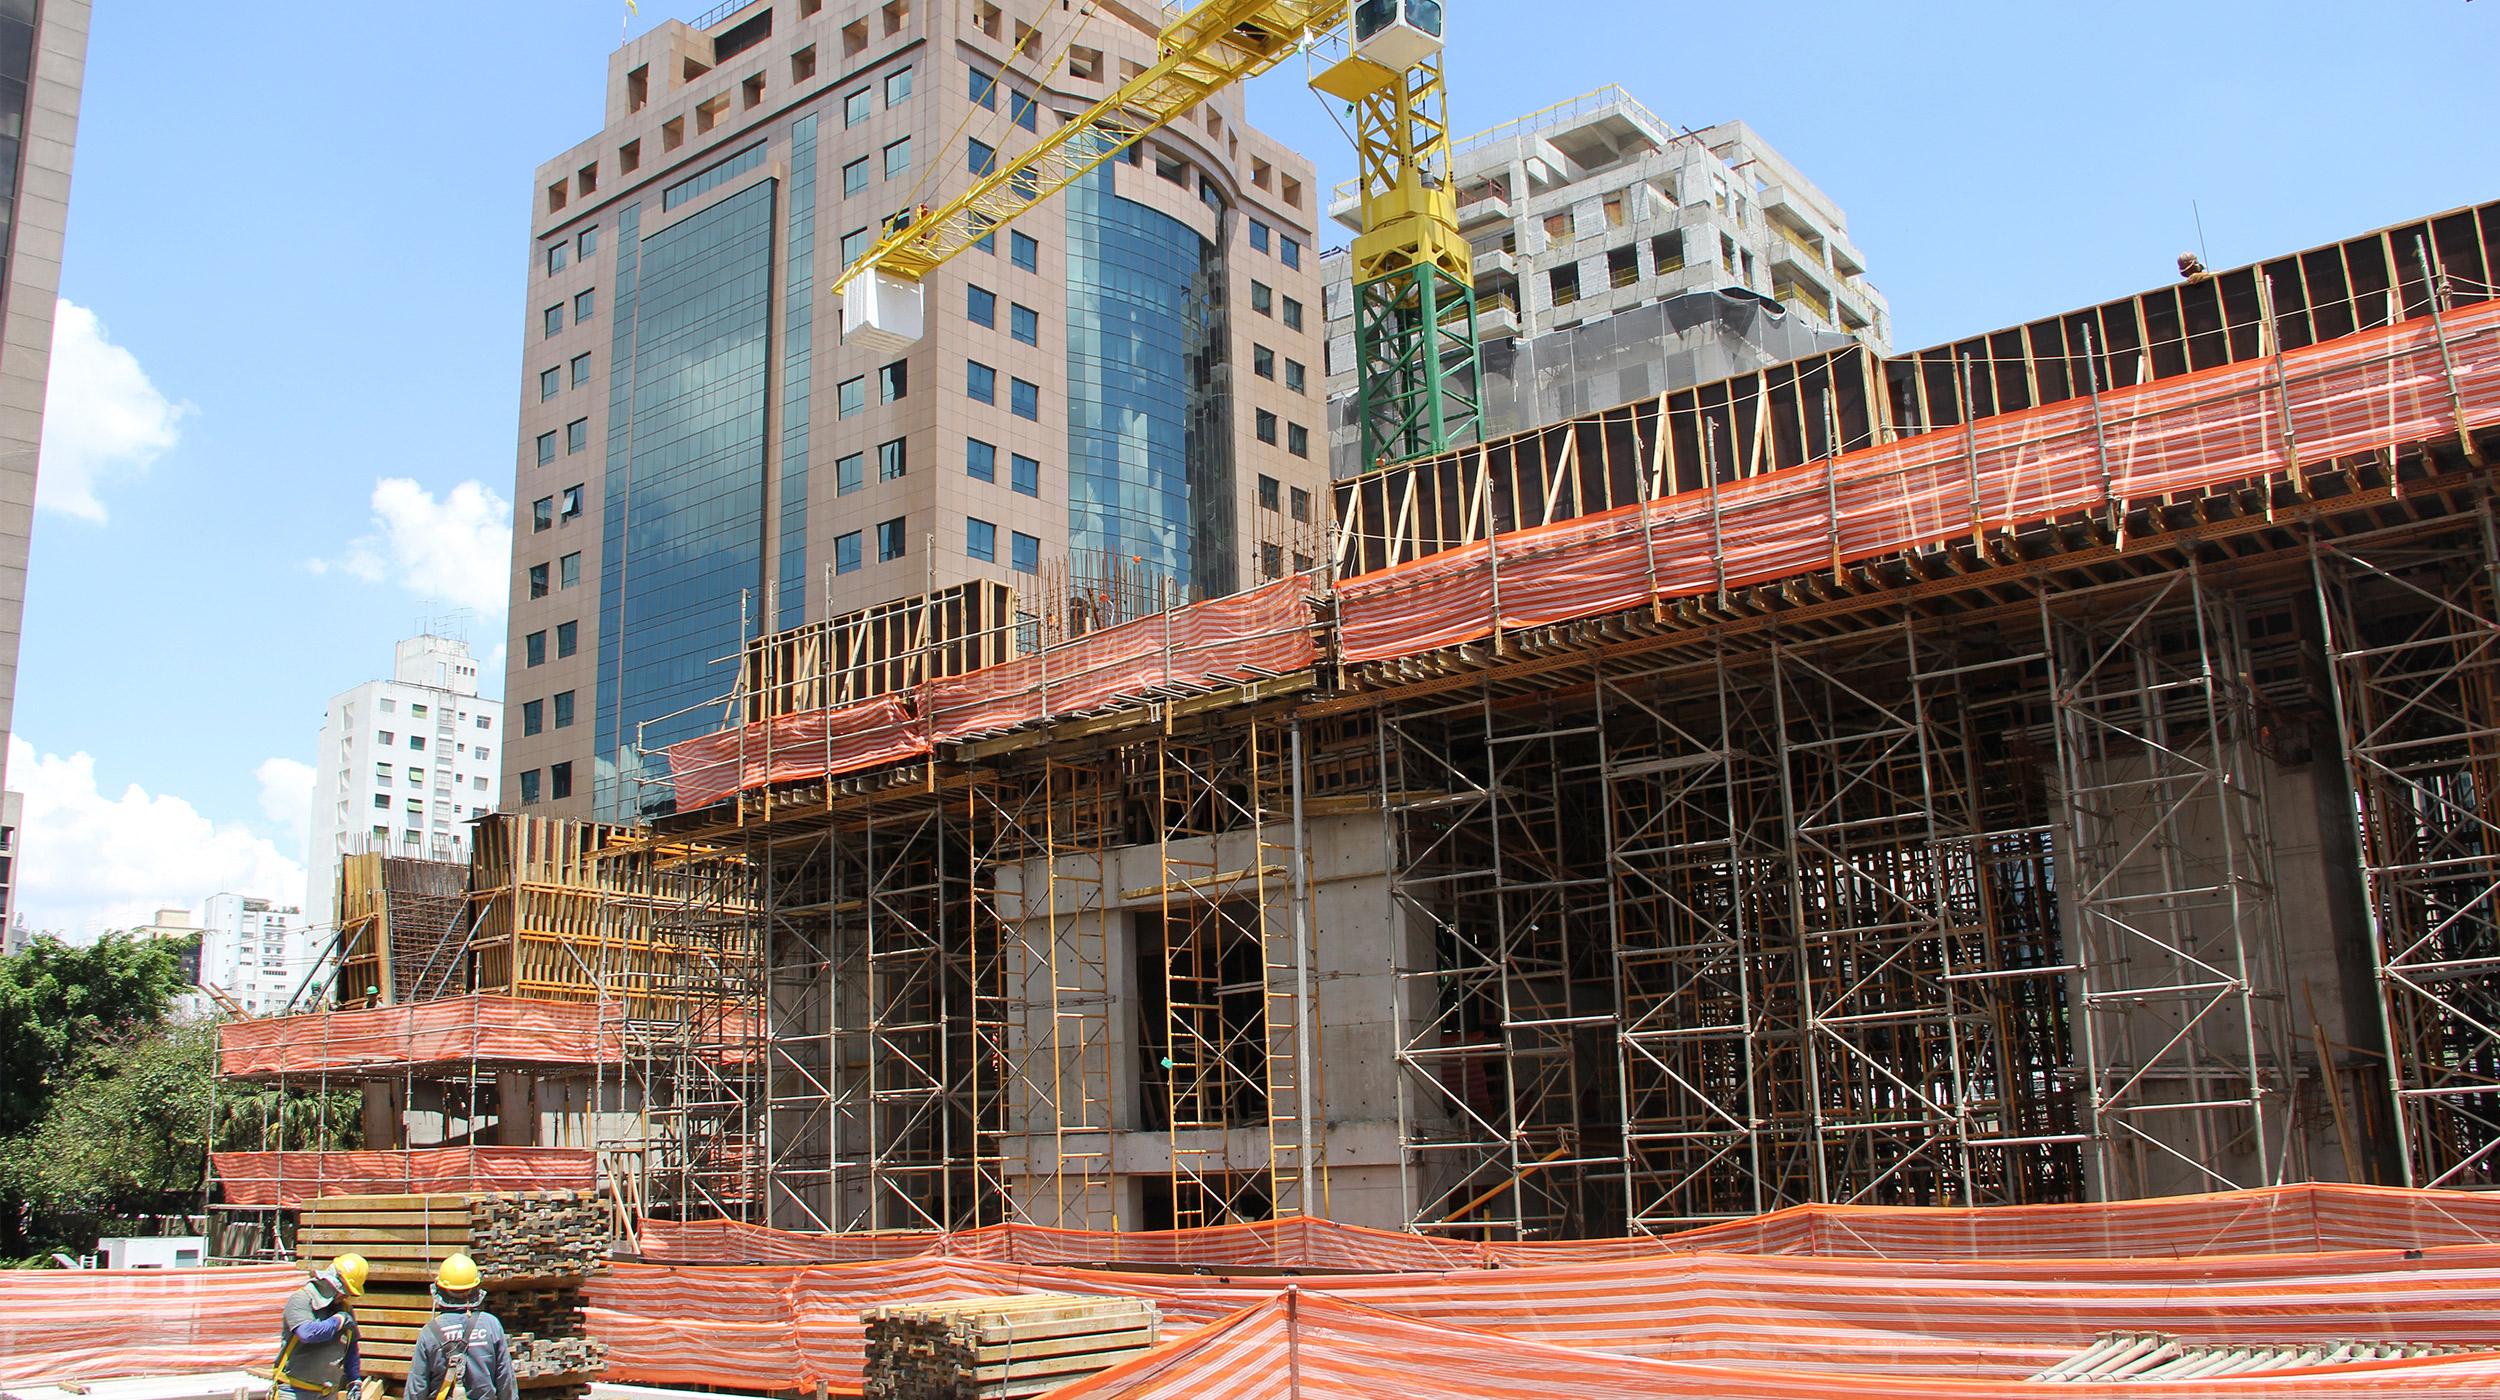 Localizado na região da avenida Brigadeiro Faria Lima, uma das mais importantes vias da Zona Sul de São Paulo, este edifício será um novo marco arquitetônico da região.